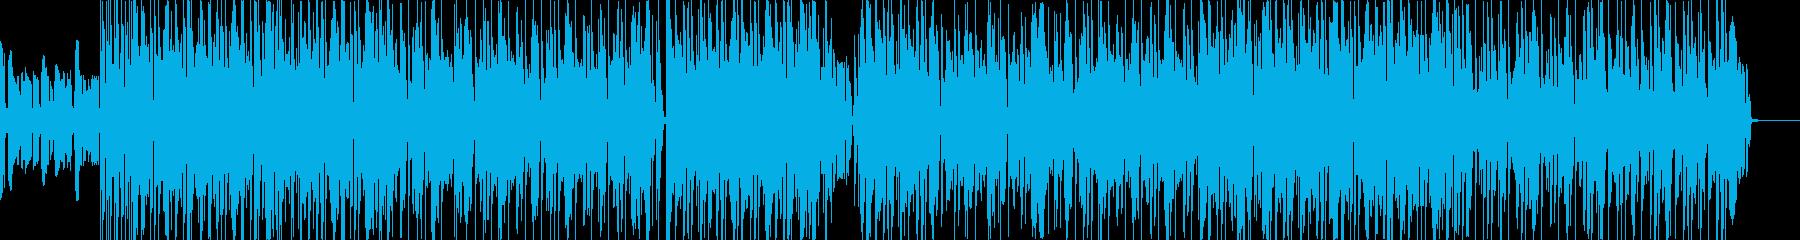 ボコーダーを使ったエレクトロポップの再生済みの波形